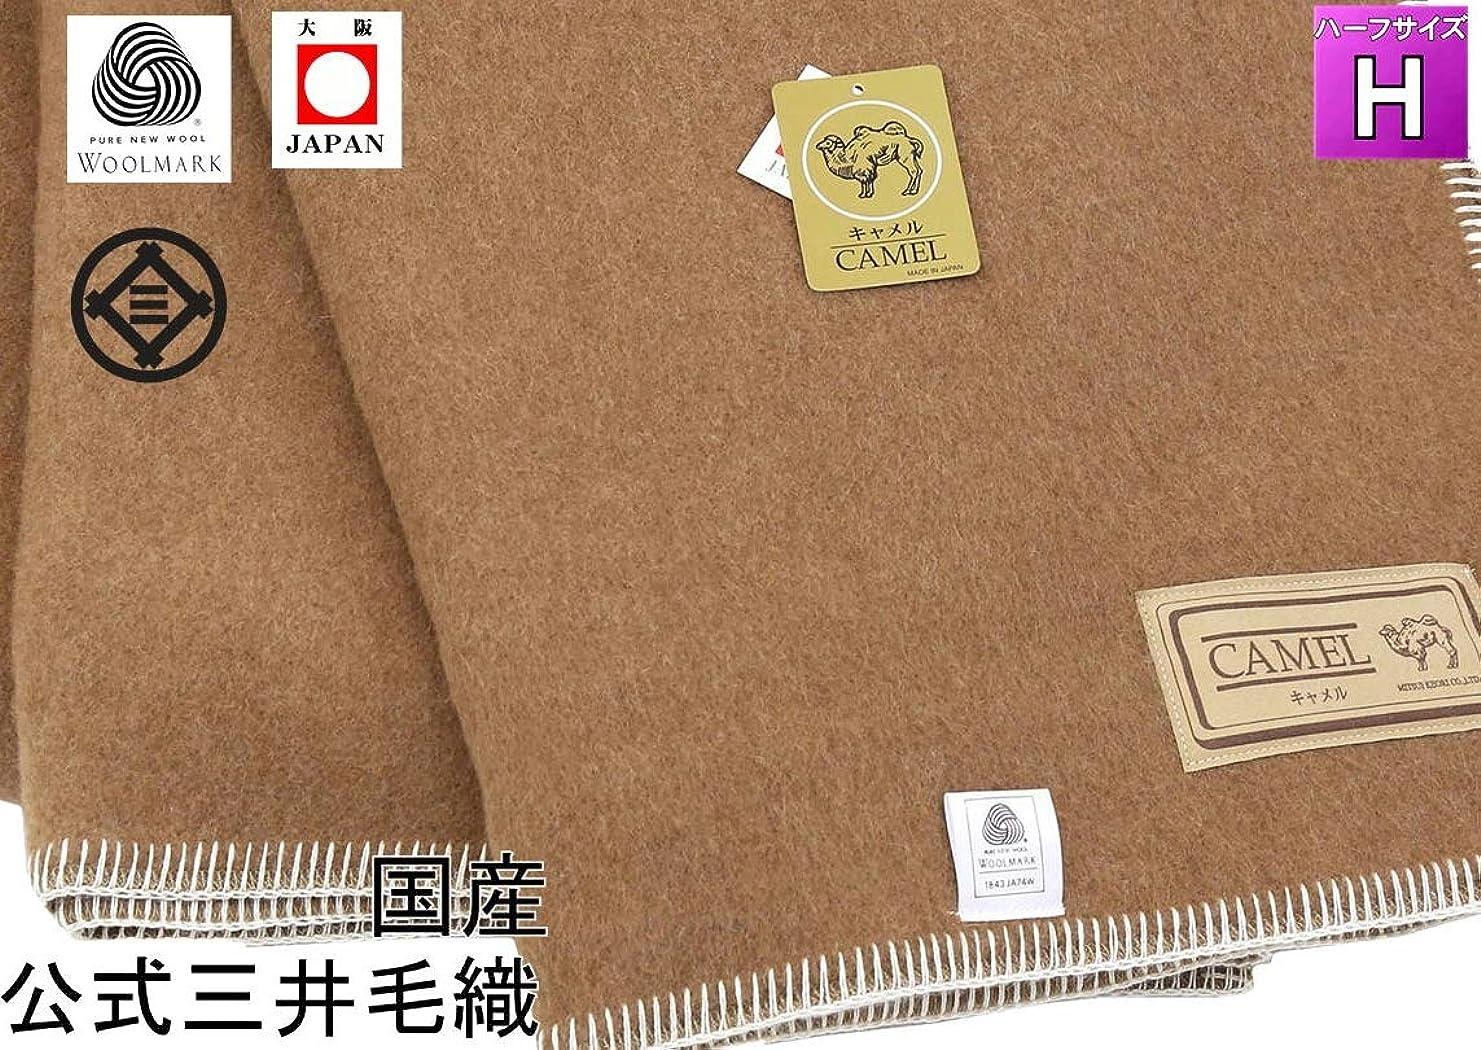 支店厳密にモジュールハーフサイズ 100x140cm プレミアム 純粋 キャメル 100% 毛布 ウールマーク付 ヘリは梳毛糸ウールの縫製 公式三井毛織 日本製 たて糸横糸キャメル採用